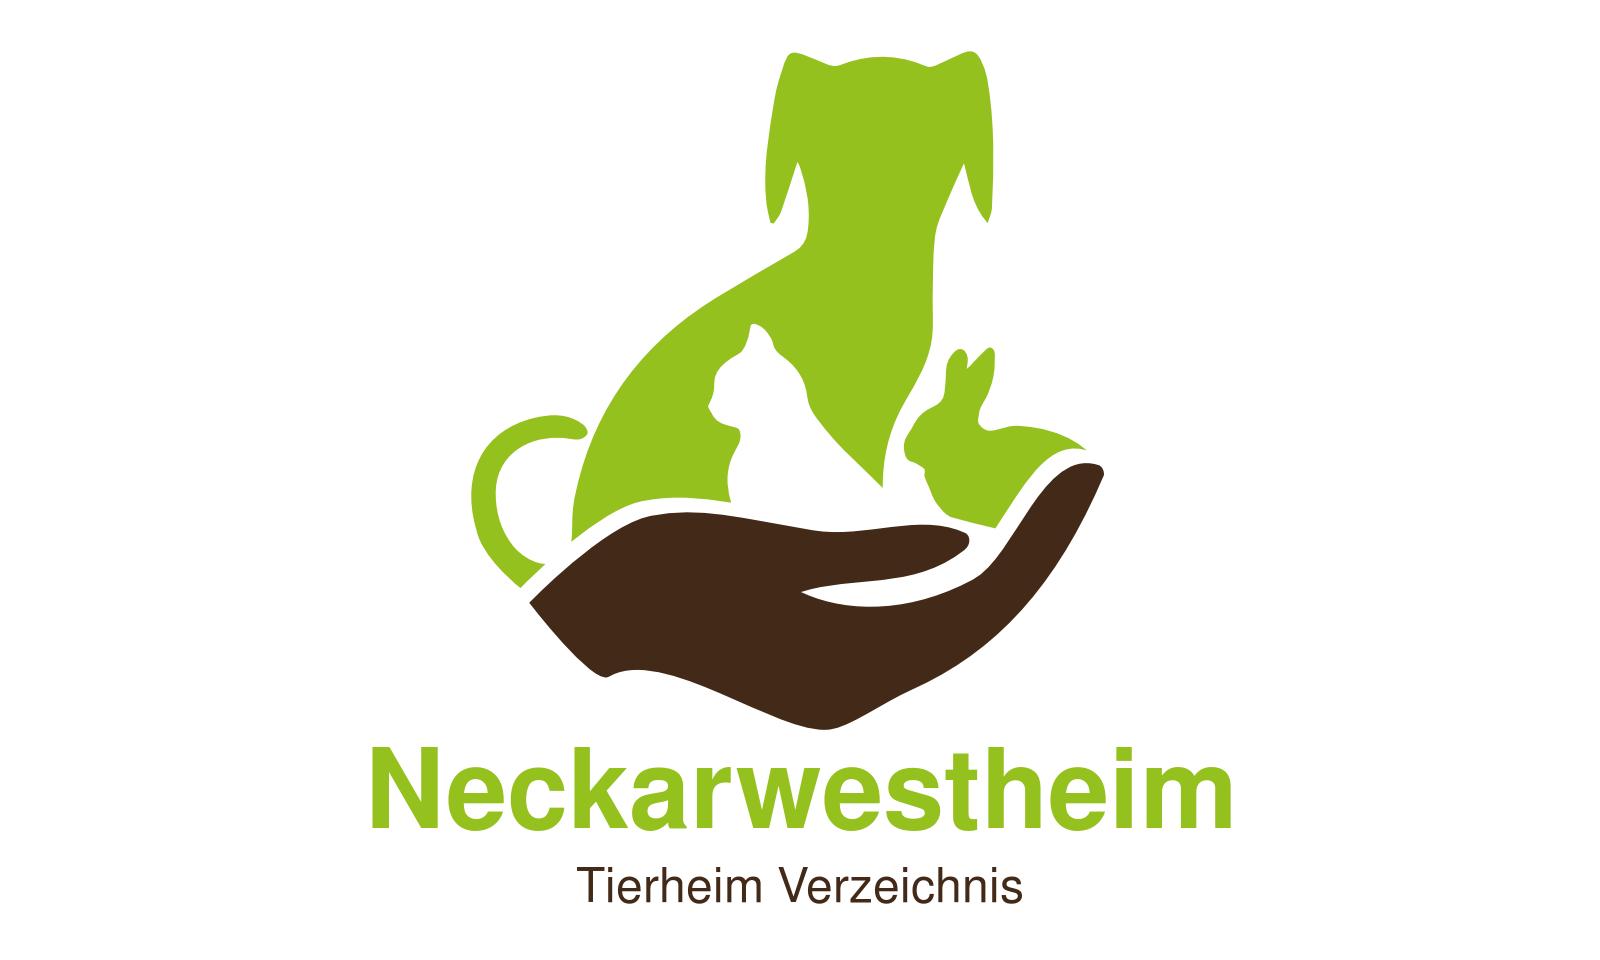 Tierheim Neckarwestheim